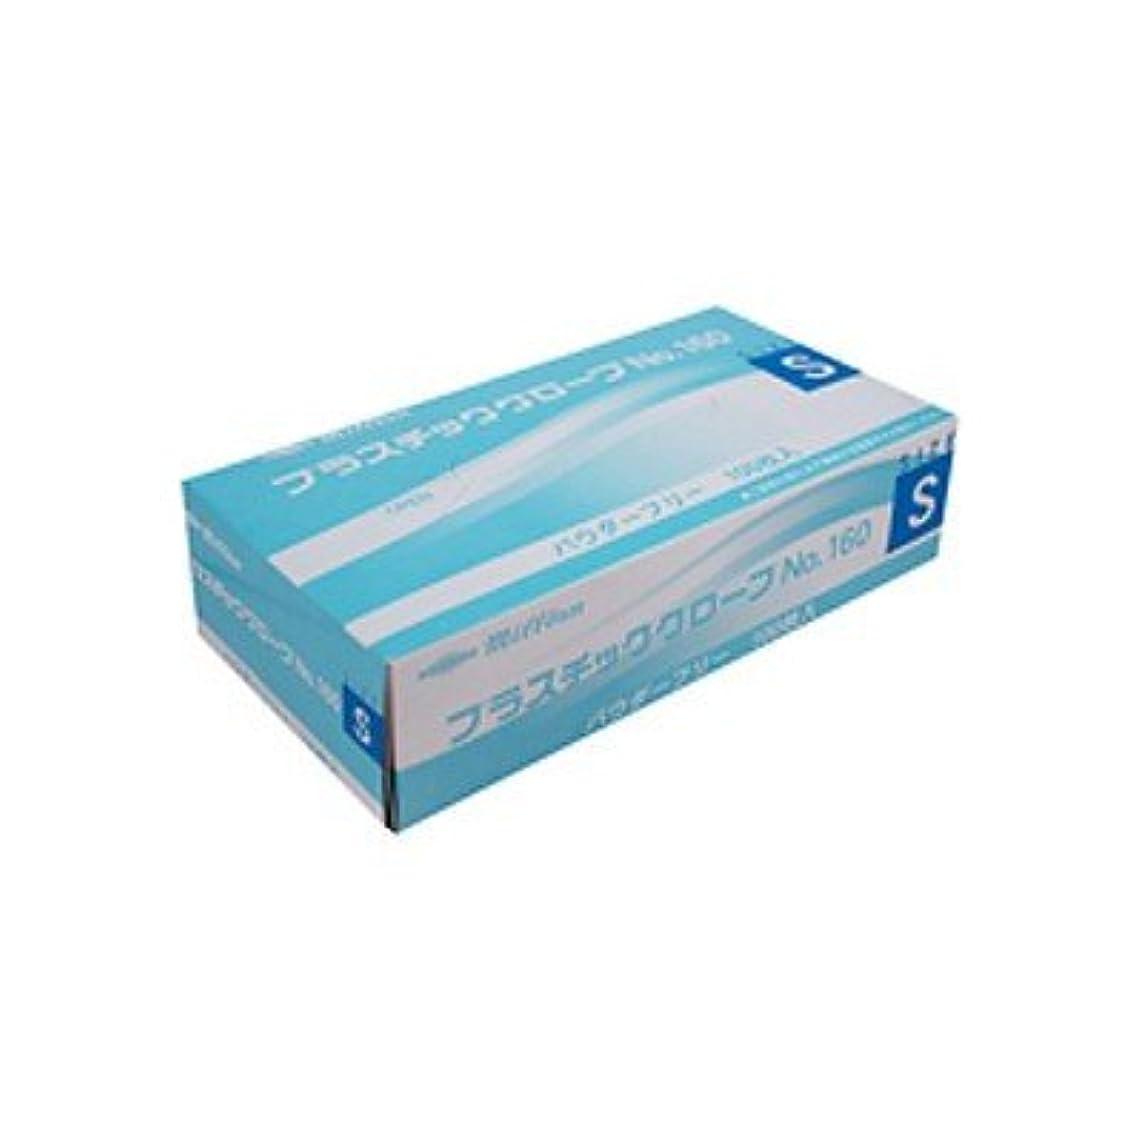 ミリオン プラスチック手袋 粉無 No.160 S 品番:LH-160-S 注文番号:62741613 メーカー:共和